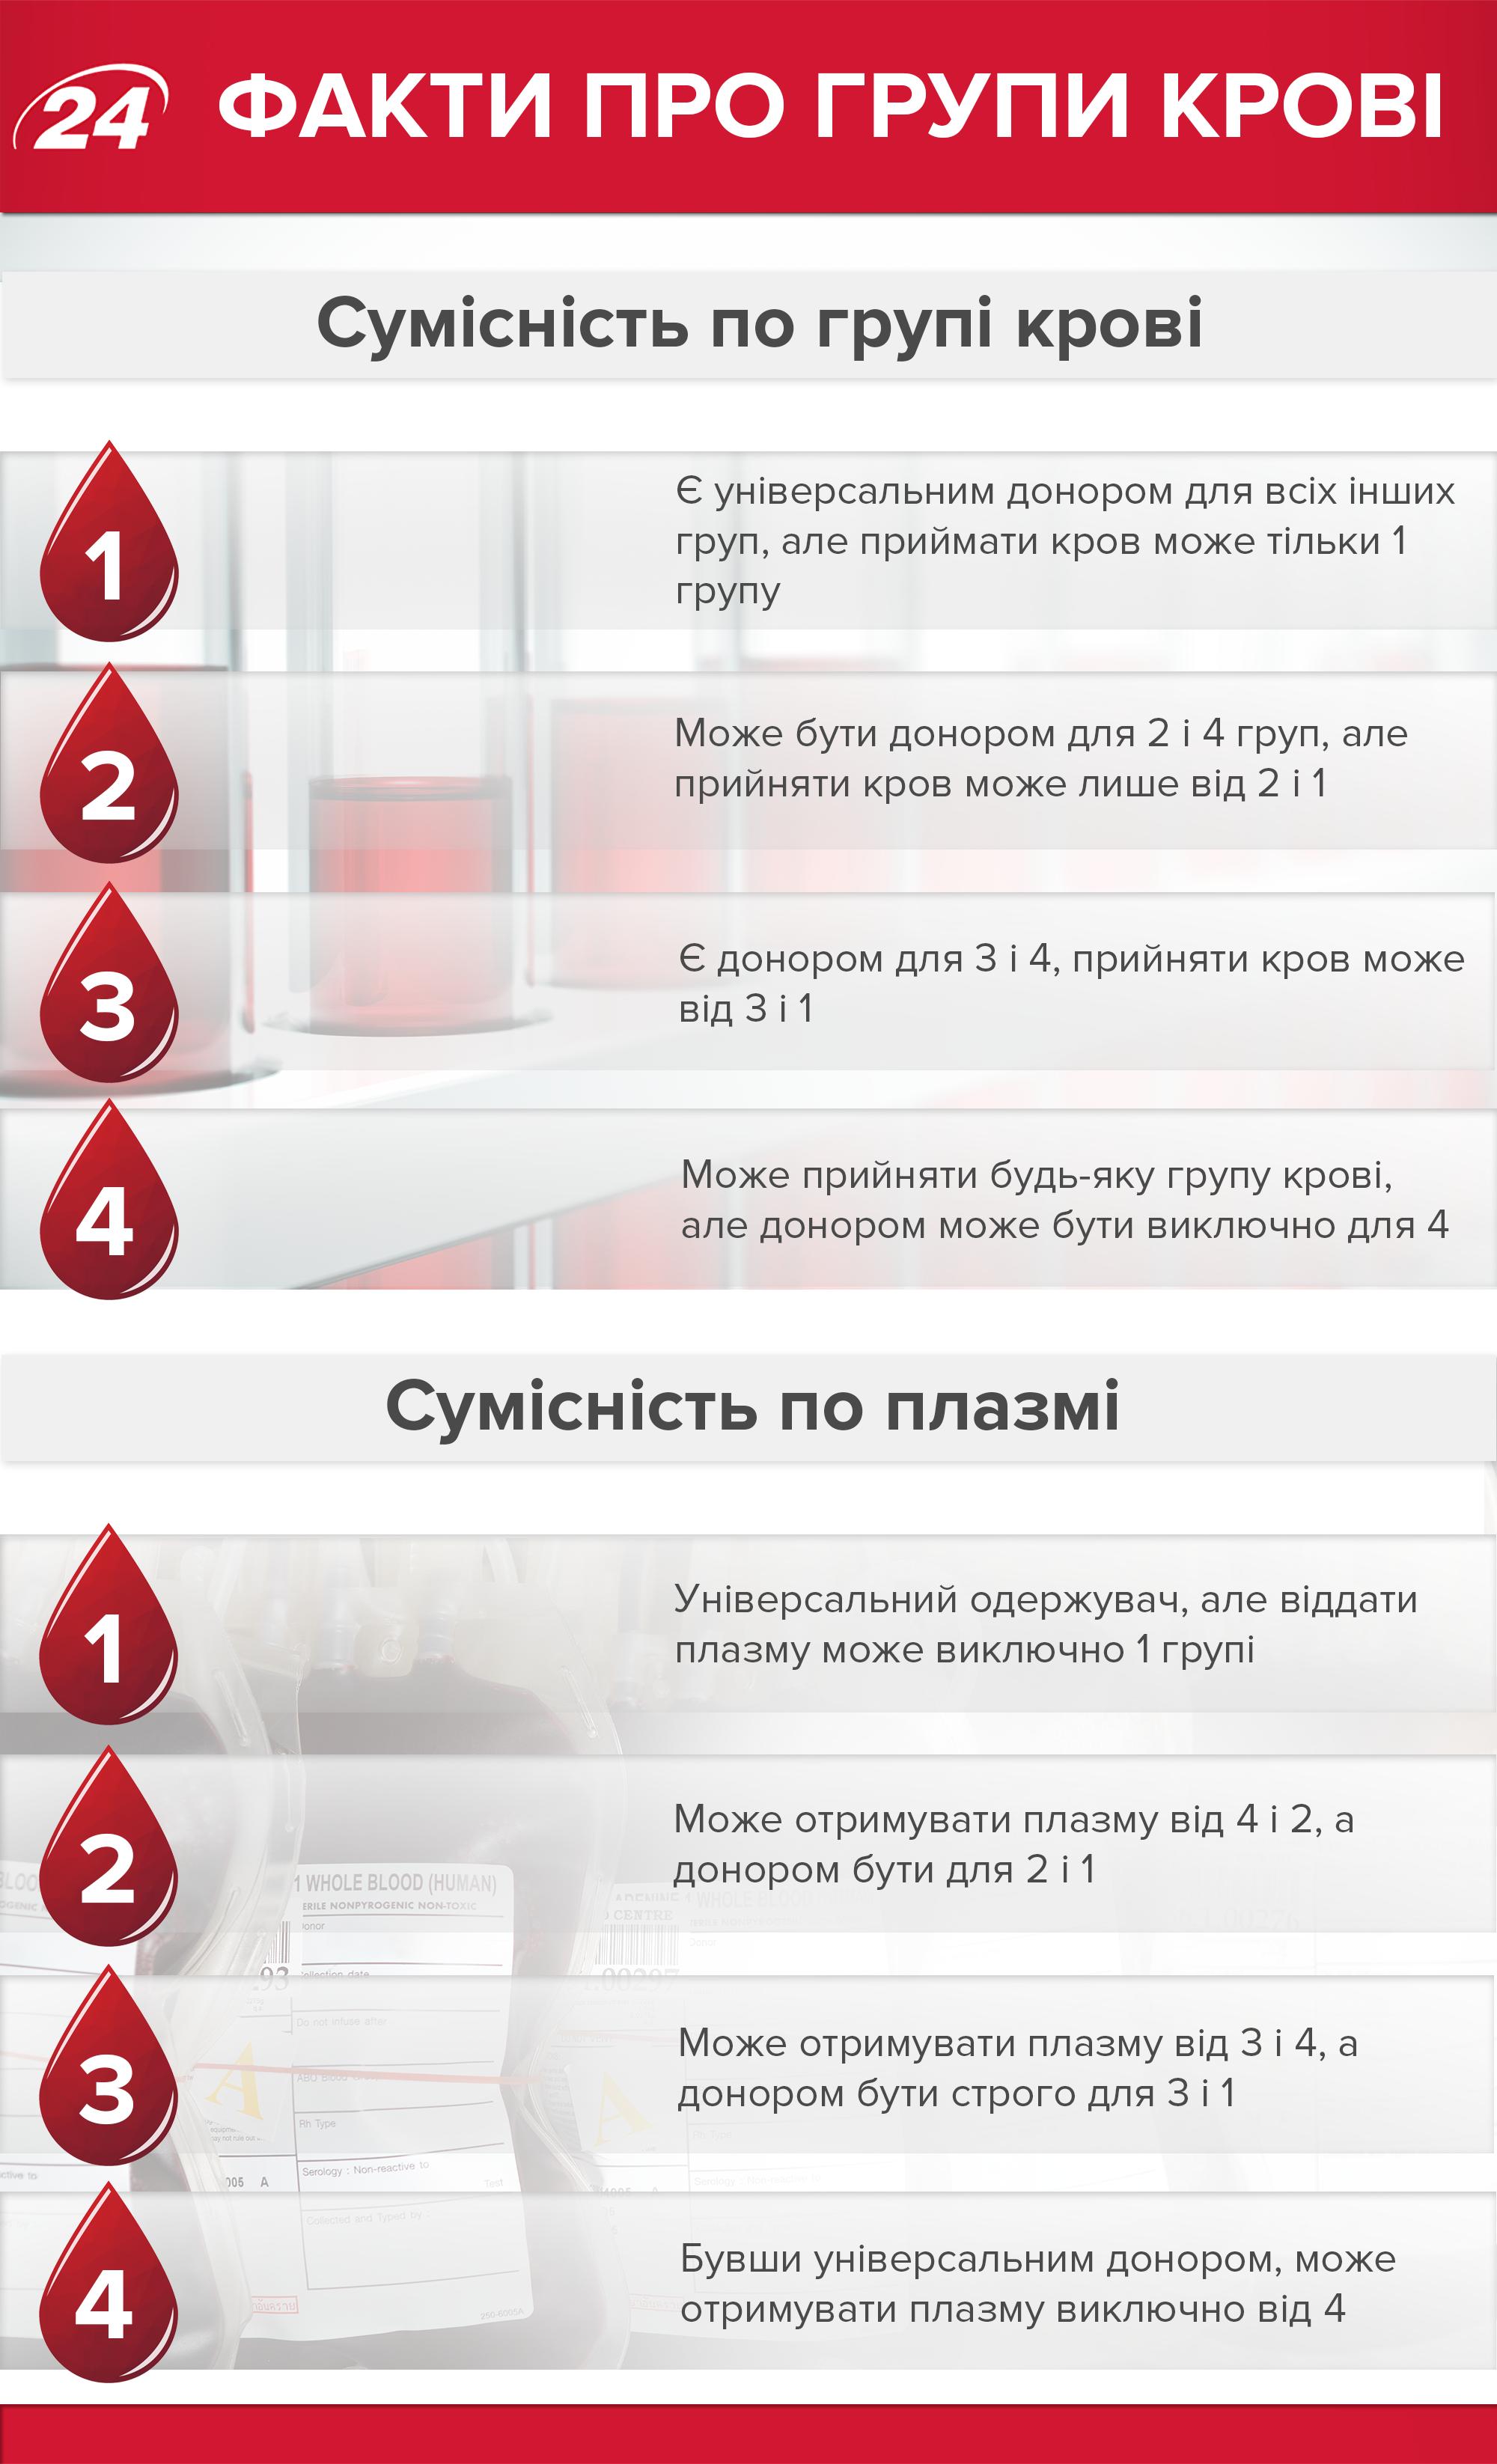 9c90853dc164 Группа крови - совместимость, питание, влияние